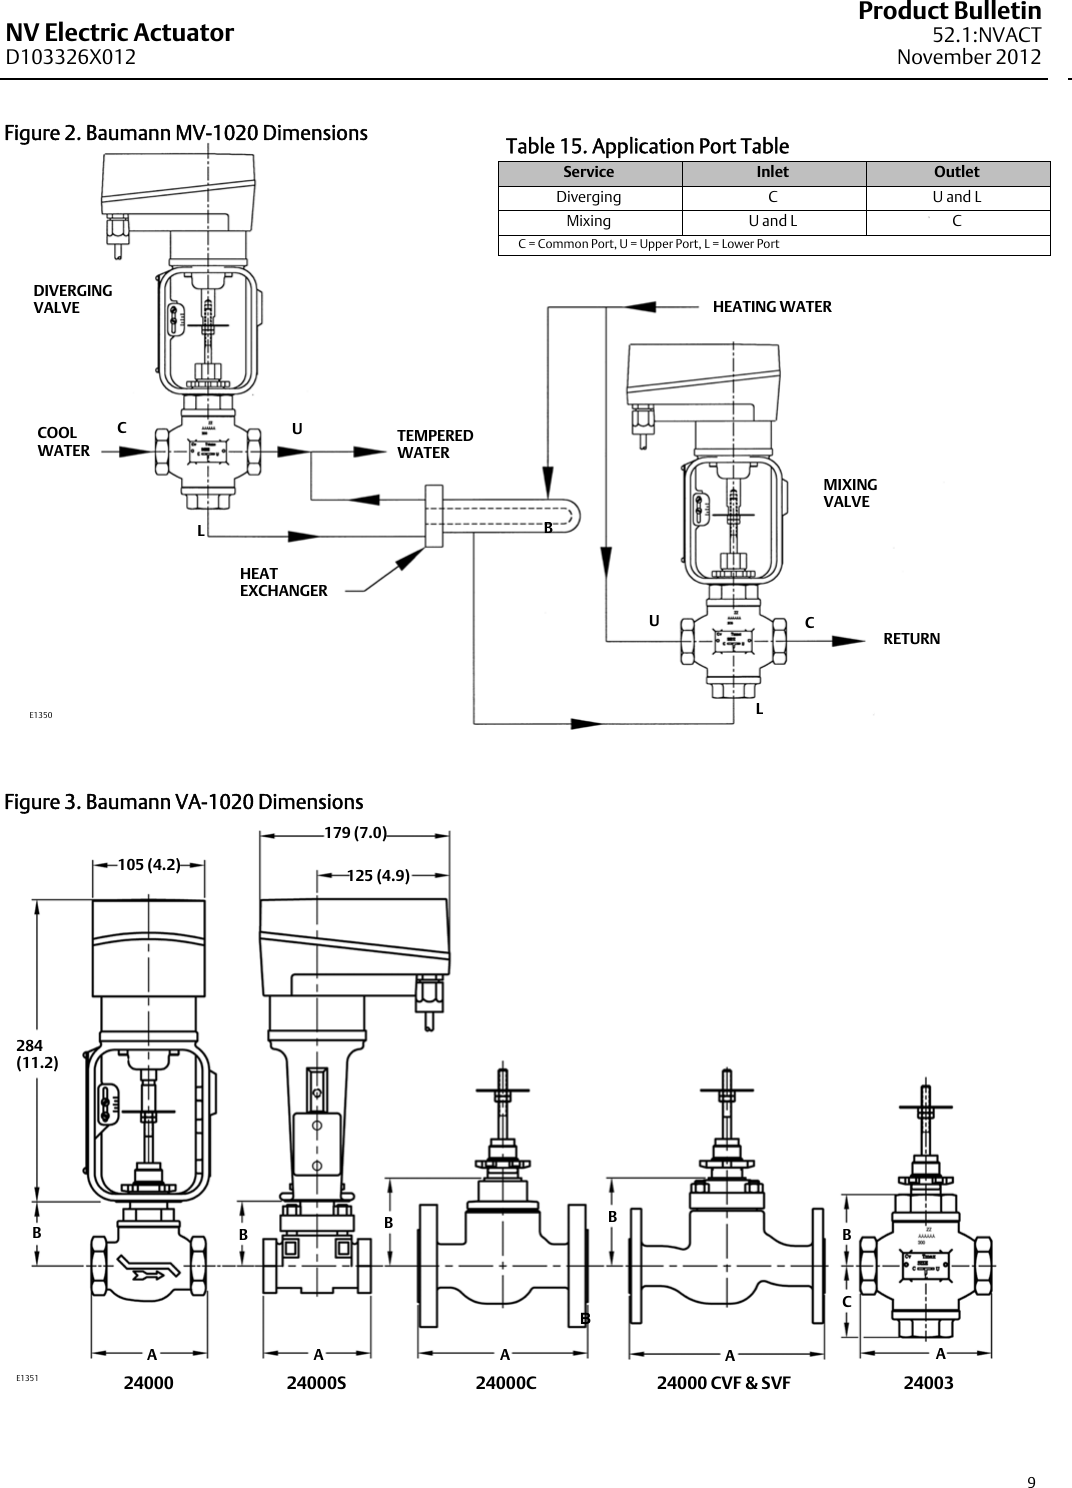 Emerson Nv Electric Actuator Data Sheet